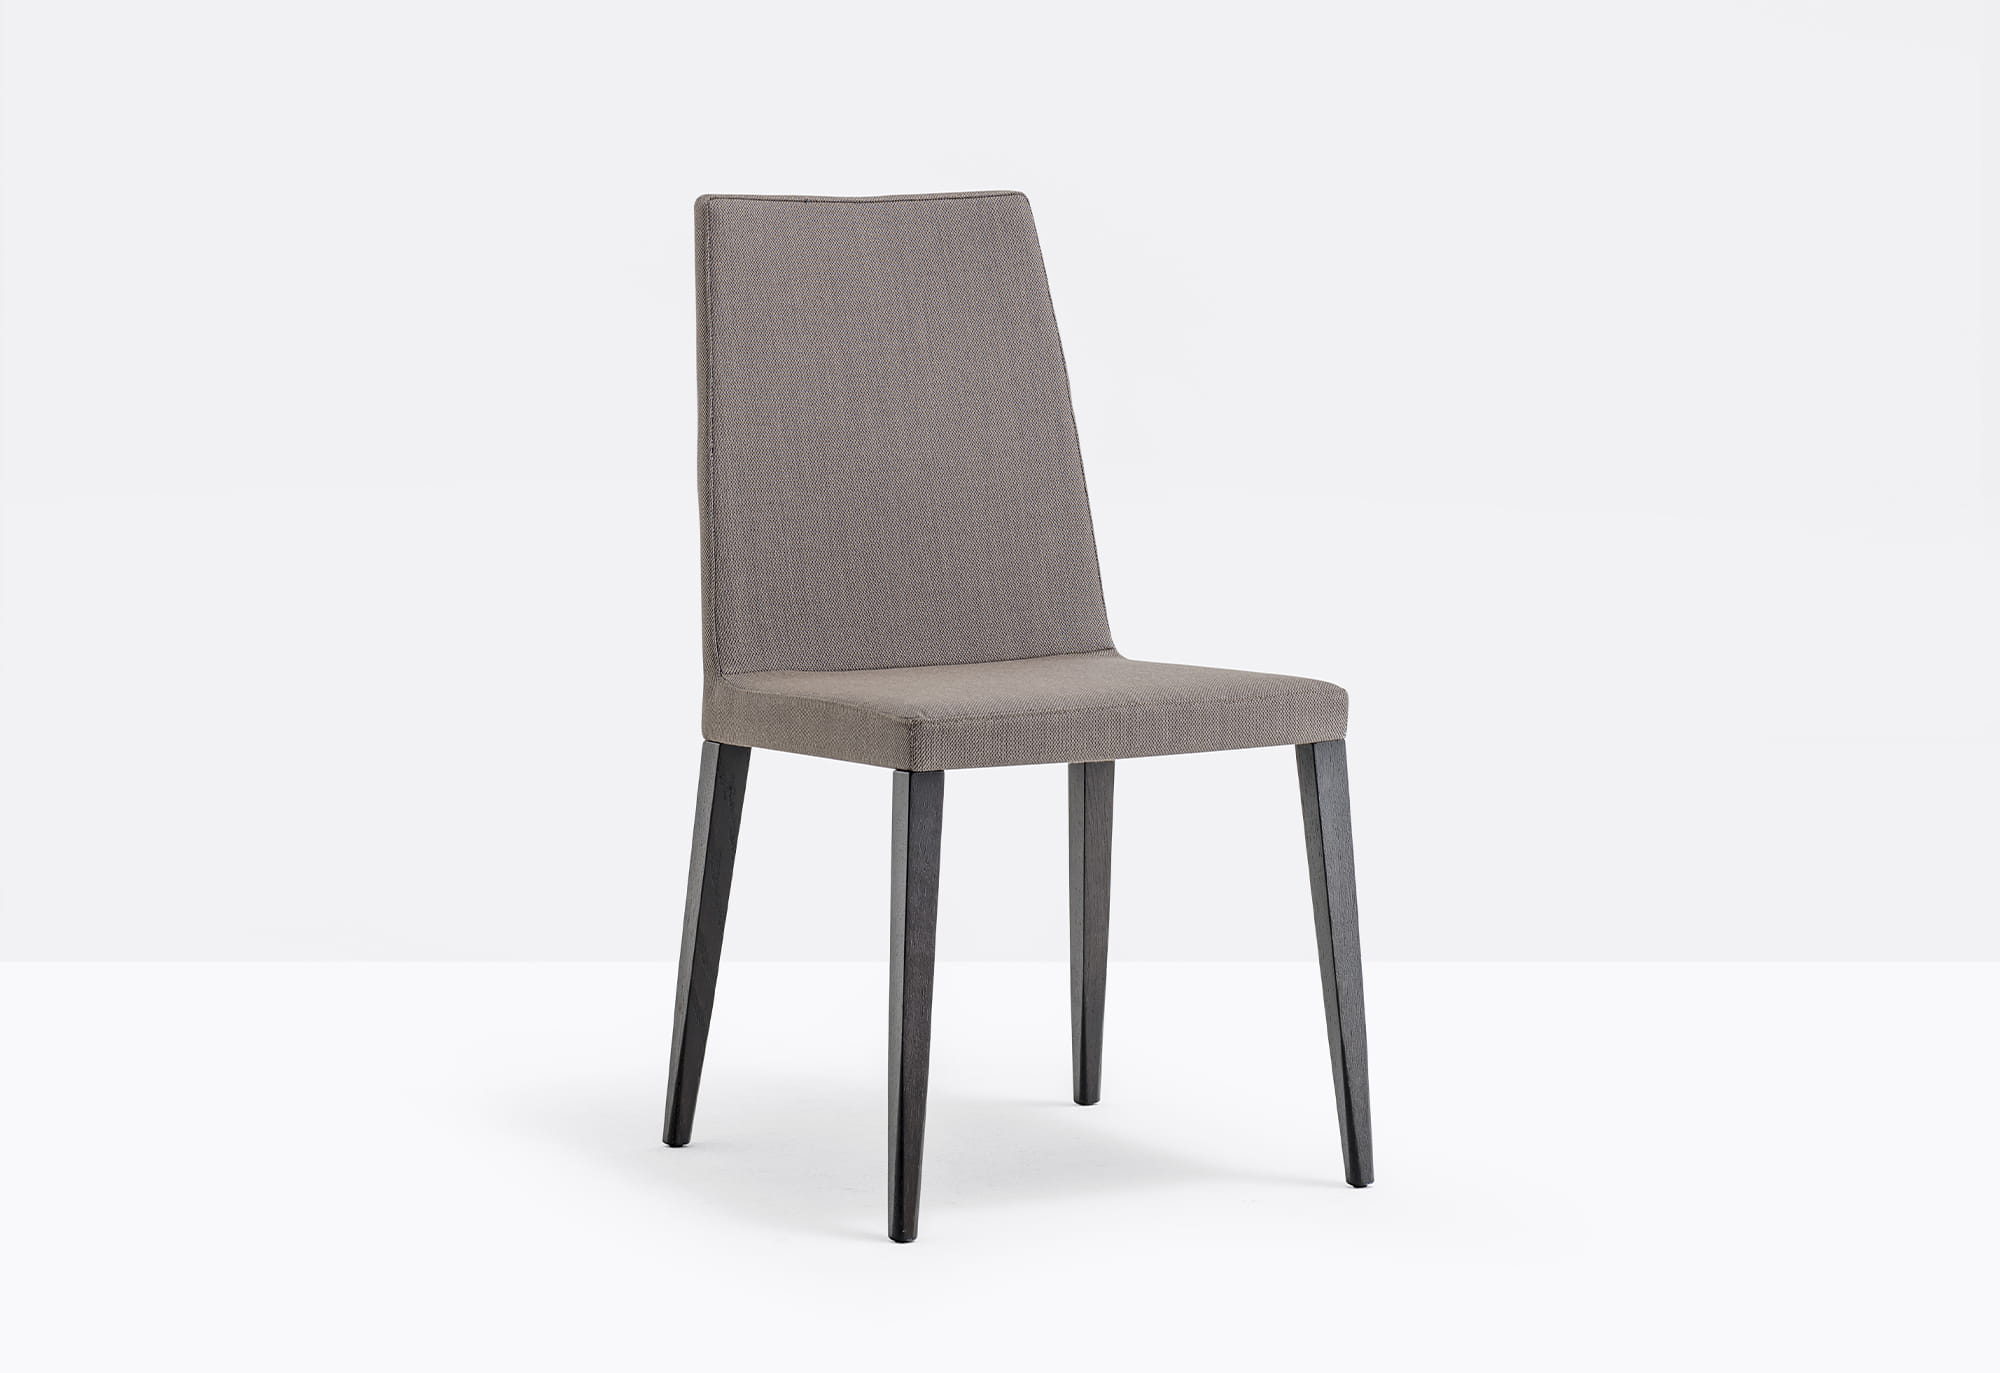 Pedrali Krzesło Dress 531 N1 Naturalny